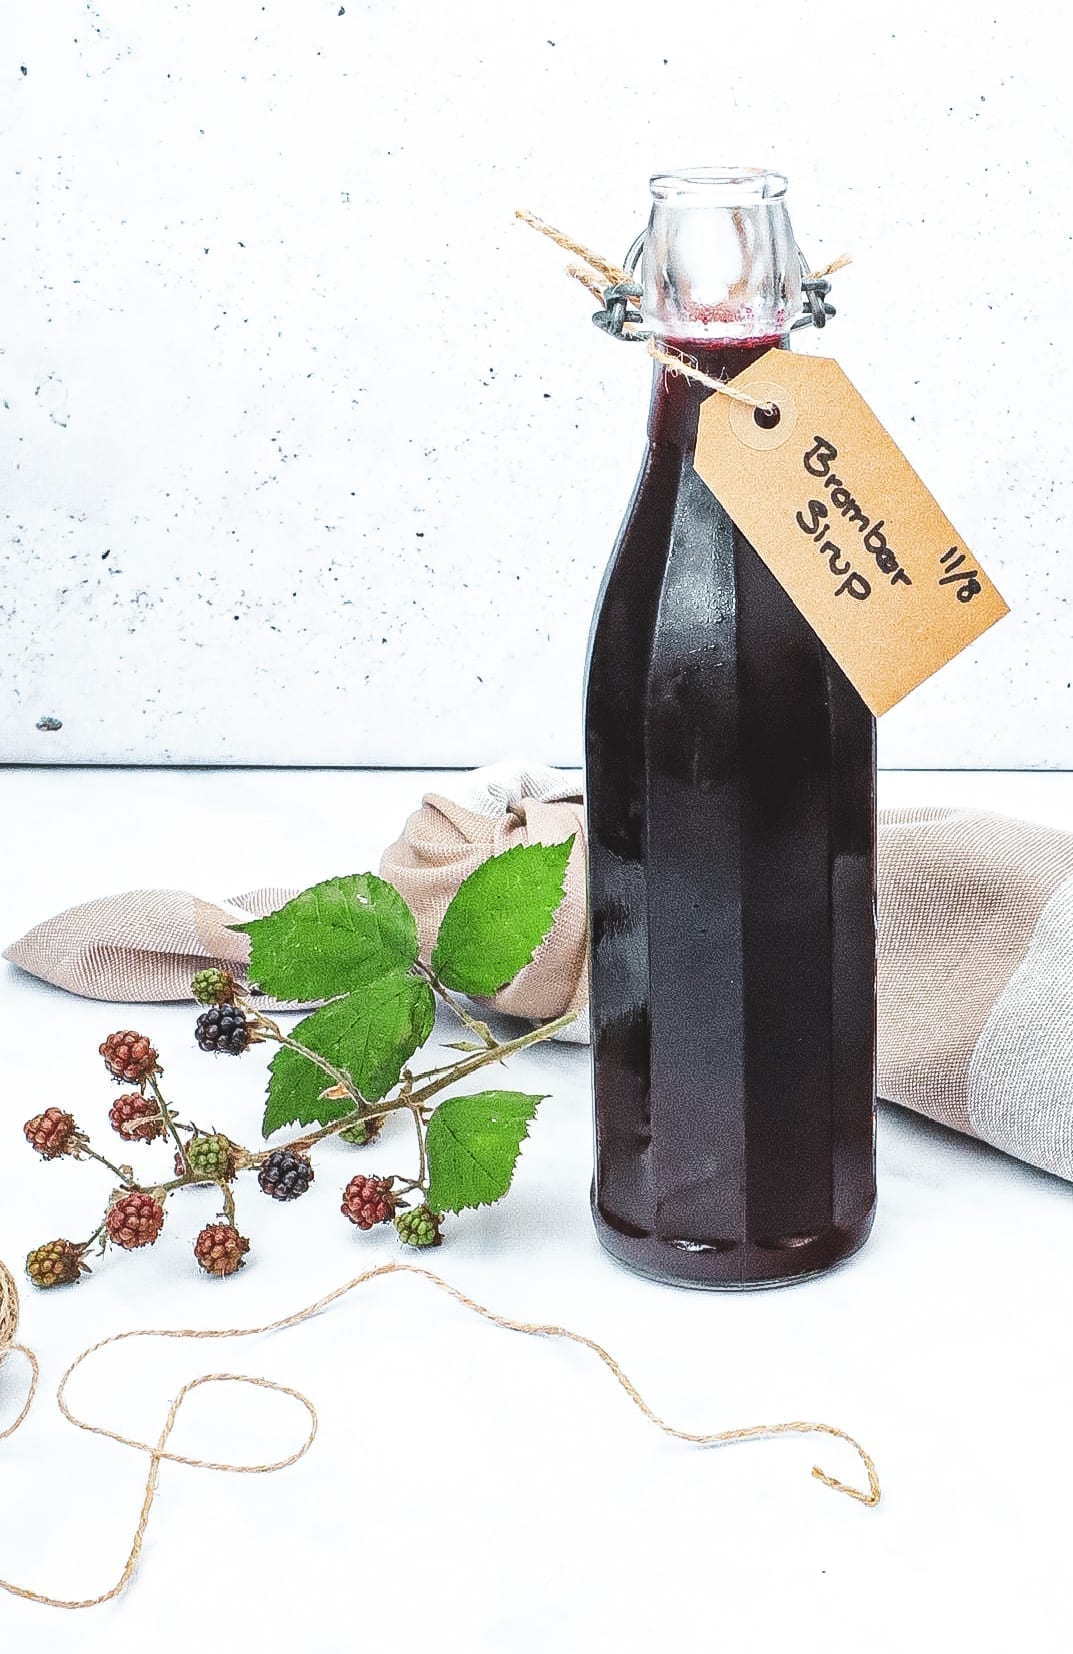 Brombærsirup - Opskrift på brombærsirup med stjerneanis